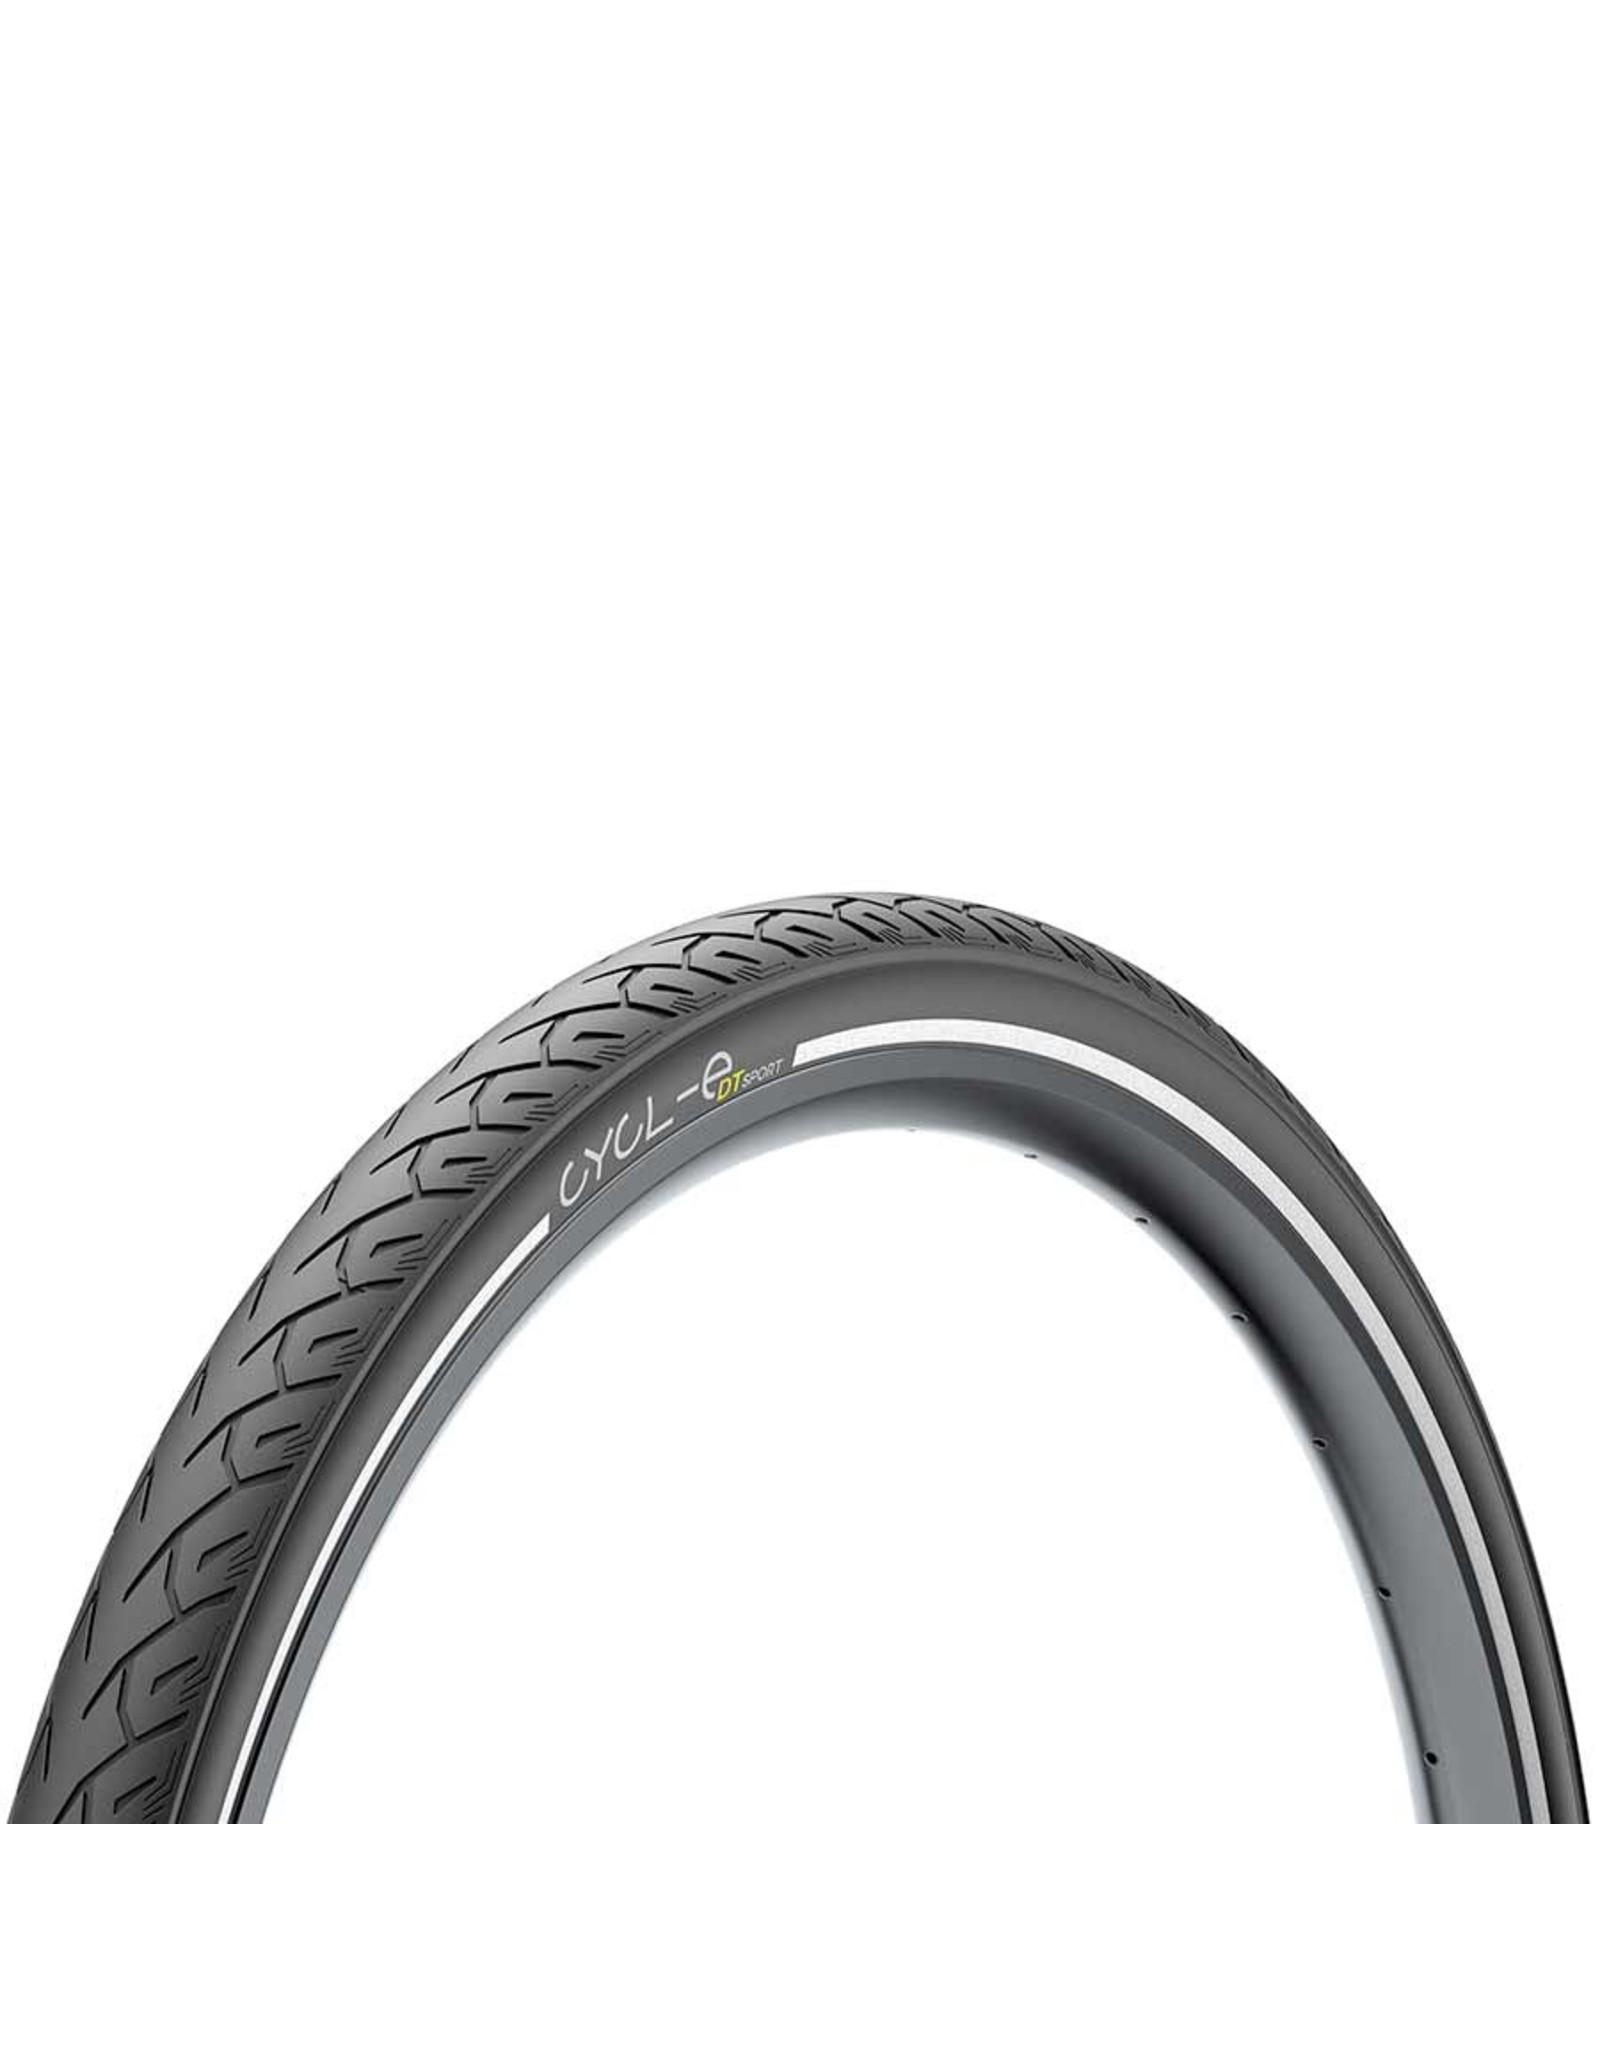 Pirelli Pirelli, Cycl-e DTs, Tire, 700x32C, Wire, Clincher, Black